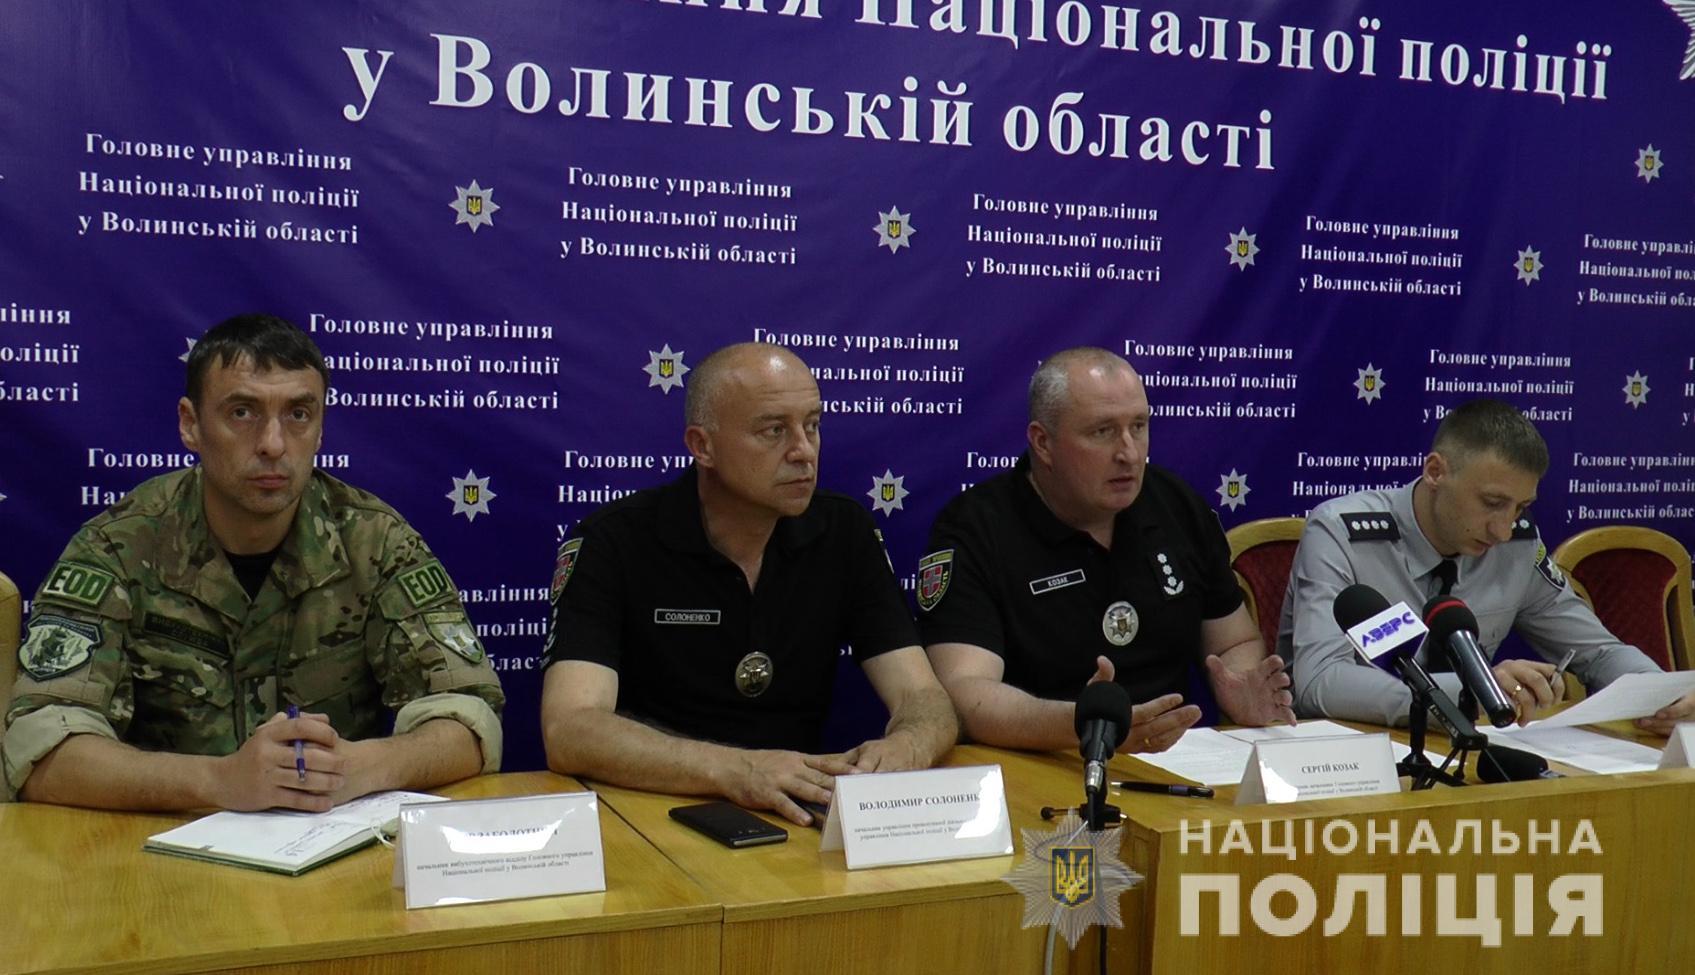 Поліція повідомила, що у Луцьку замінували 80 об'єктів. ФОТО. ВІДЕО